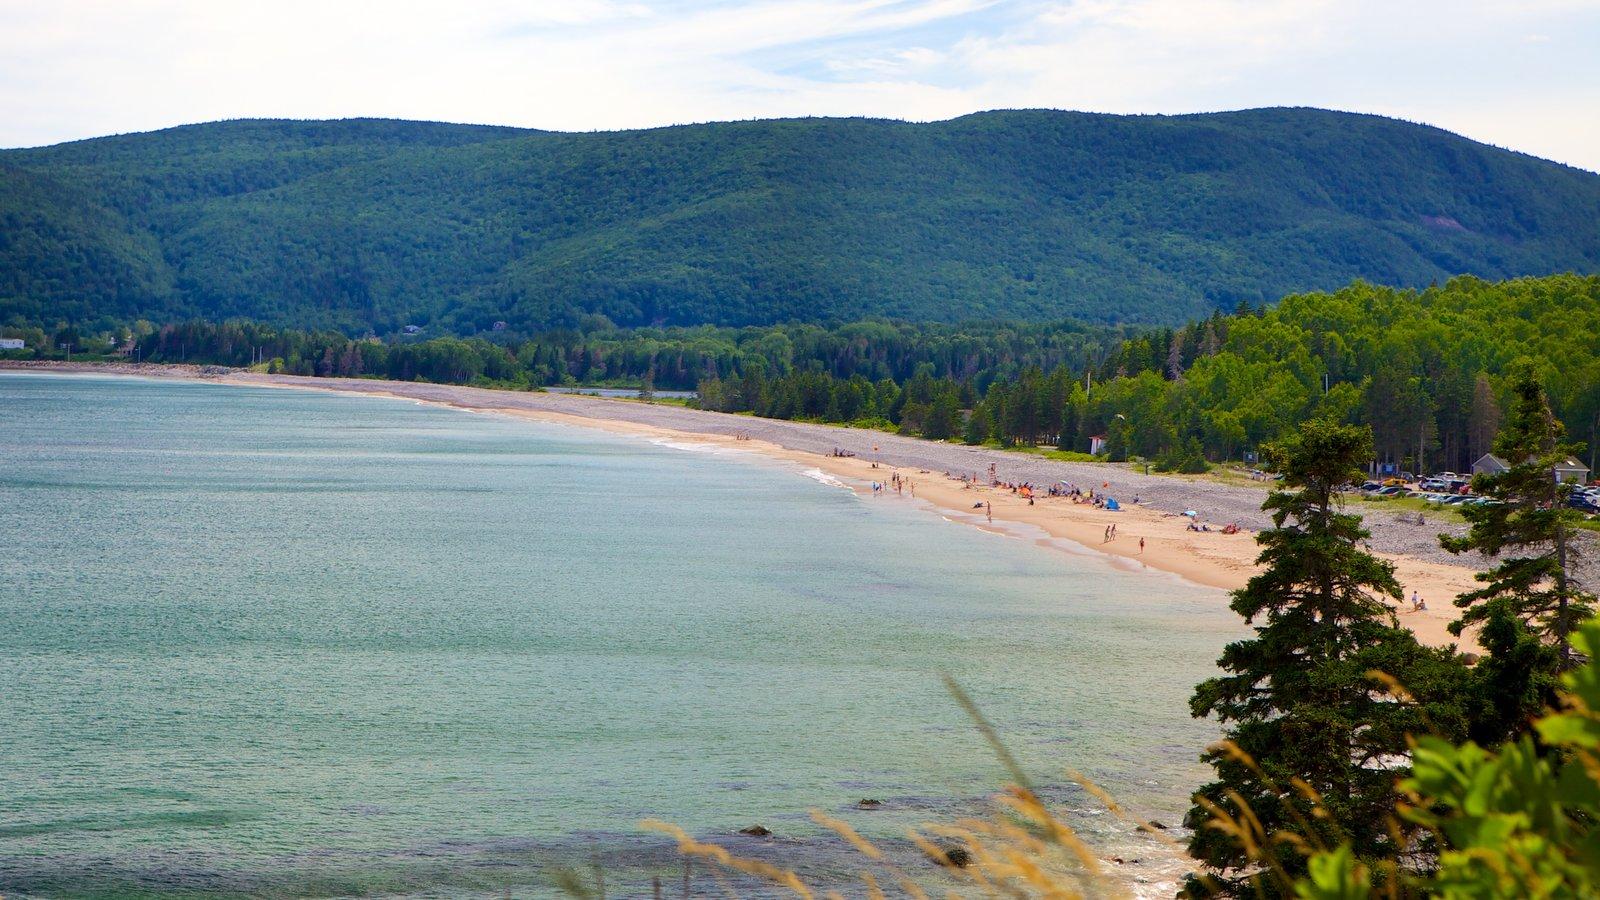 Cape Breton Highlands National Park que inclui uma praia